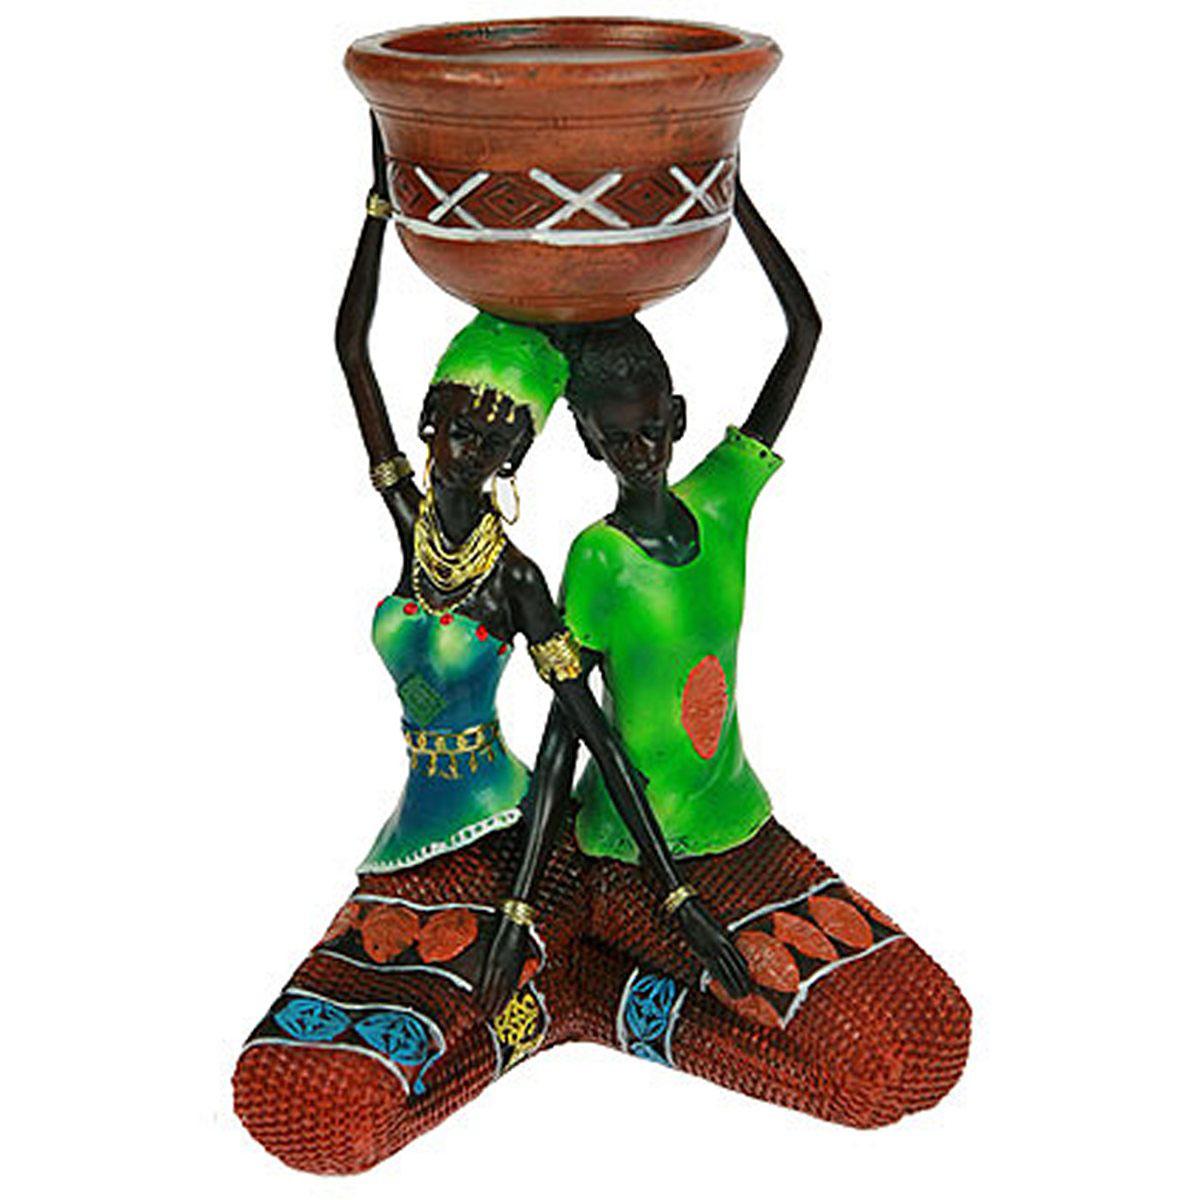 Статуэтка Русские Подарки Африканка, 16 х 12 х 23 см. 2612826128Статуэтка Русские Подарки Африканка, изготовленная изполистоуна, имеет изысканный внешний вид. Изделие станет прекрасным украшением интерьерагостиной, офиса или дома. Вы можете поставить статуэтку влюбое место, где она будет удачно смотреться и радоватьглаз. Правила ухода: регулярно вытирать пыль сухой, мягкой тканью.